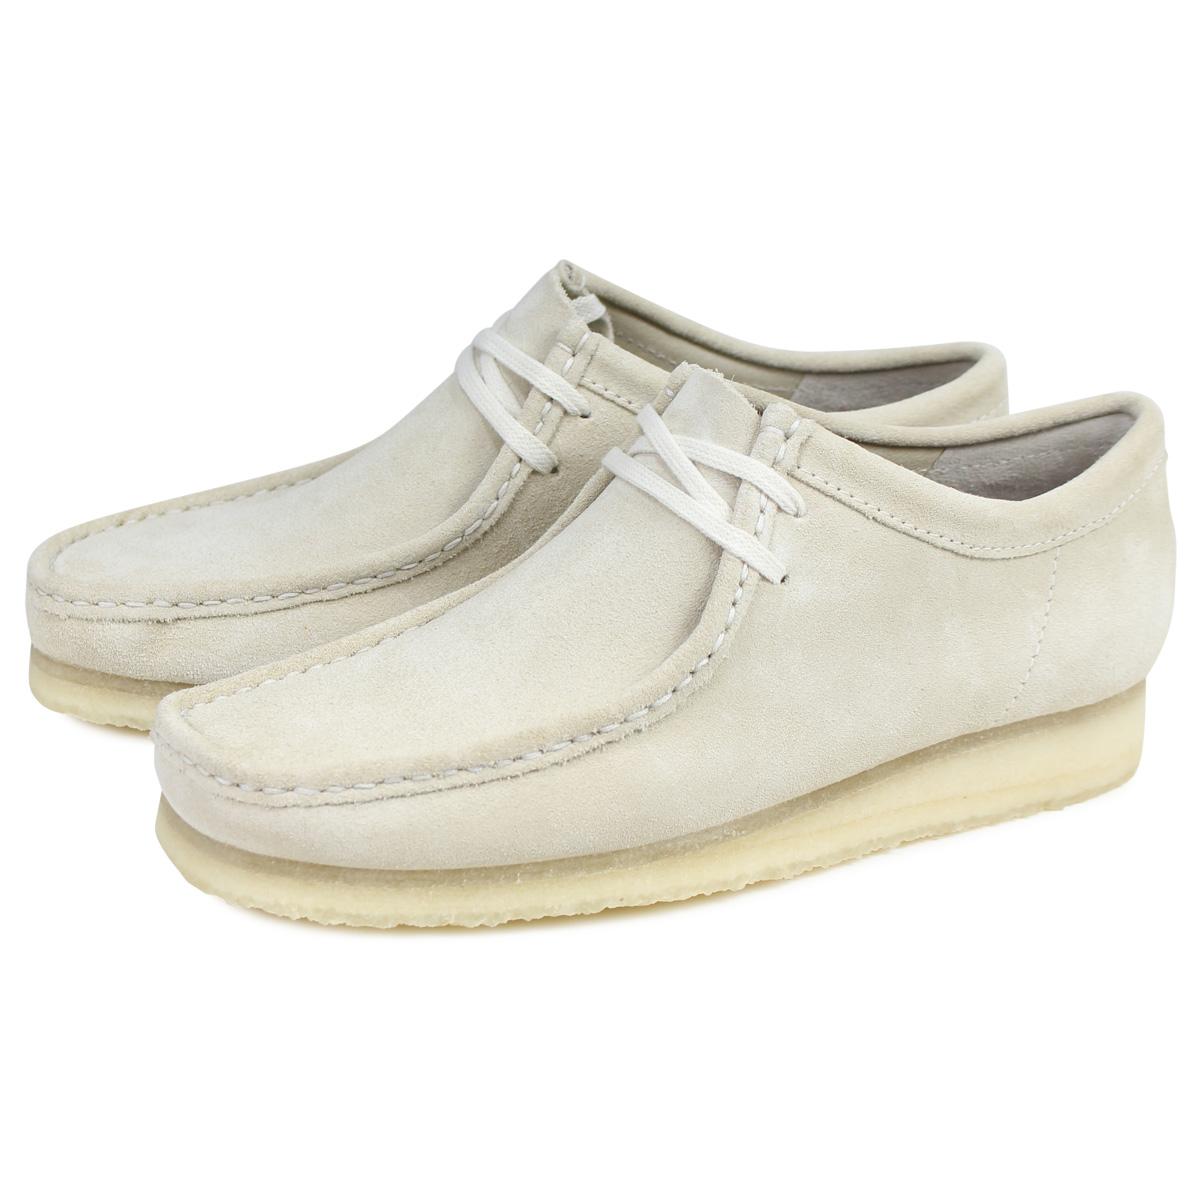 Clarks WALLABEE クラークス ワラビー ブーツ メンズ レディース スエード オフ ホワイト 26139174